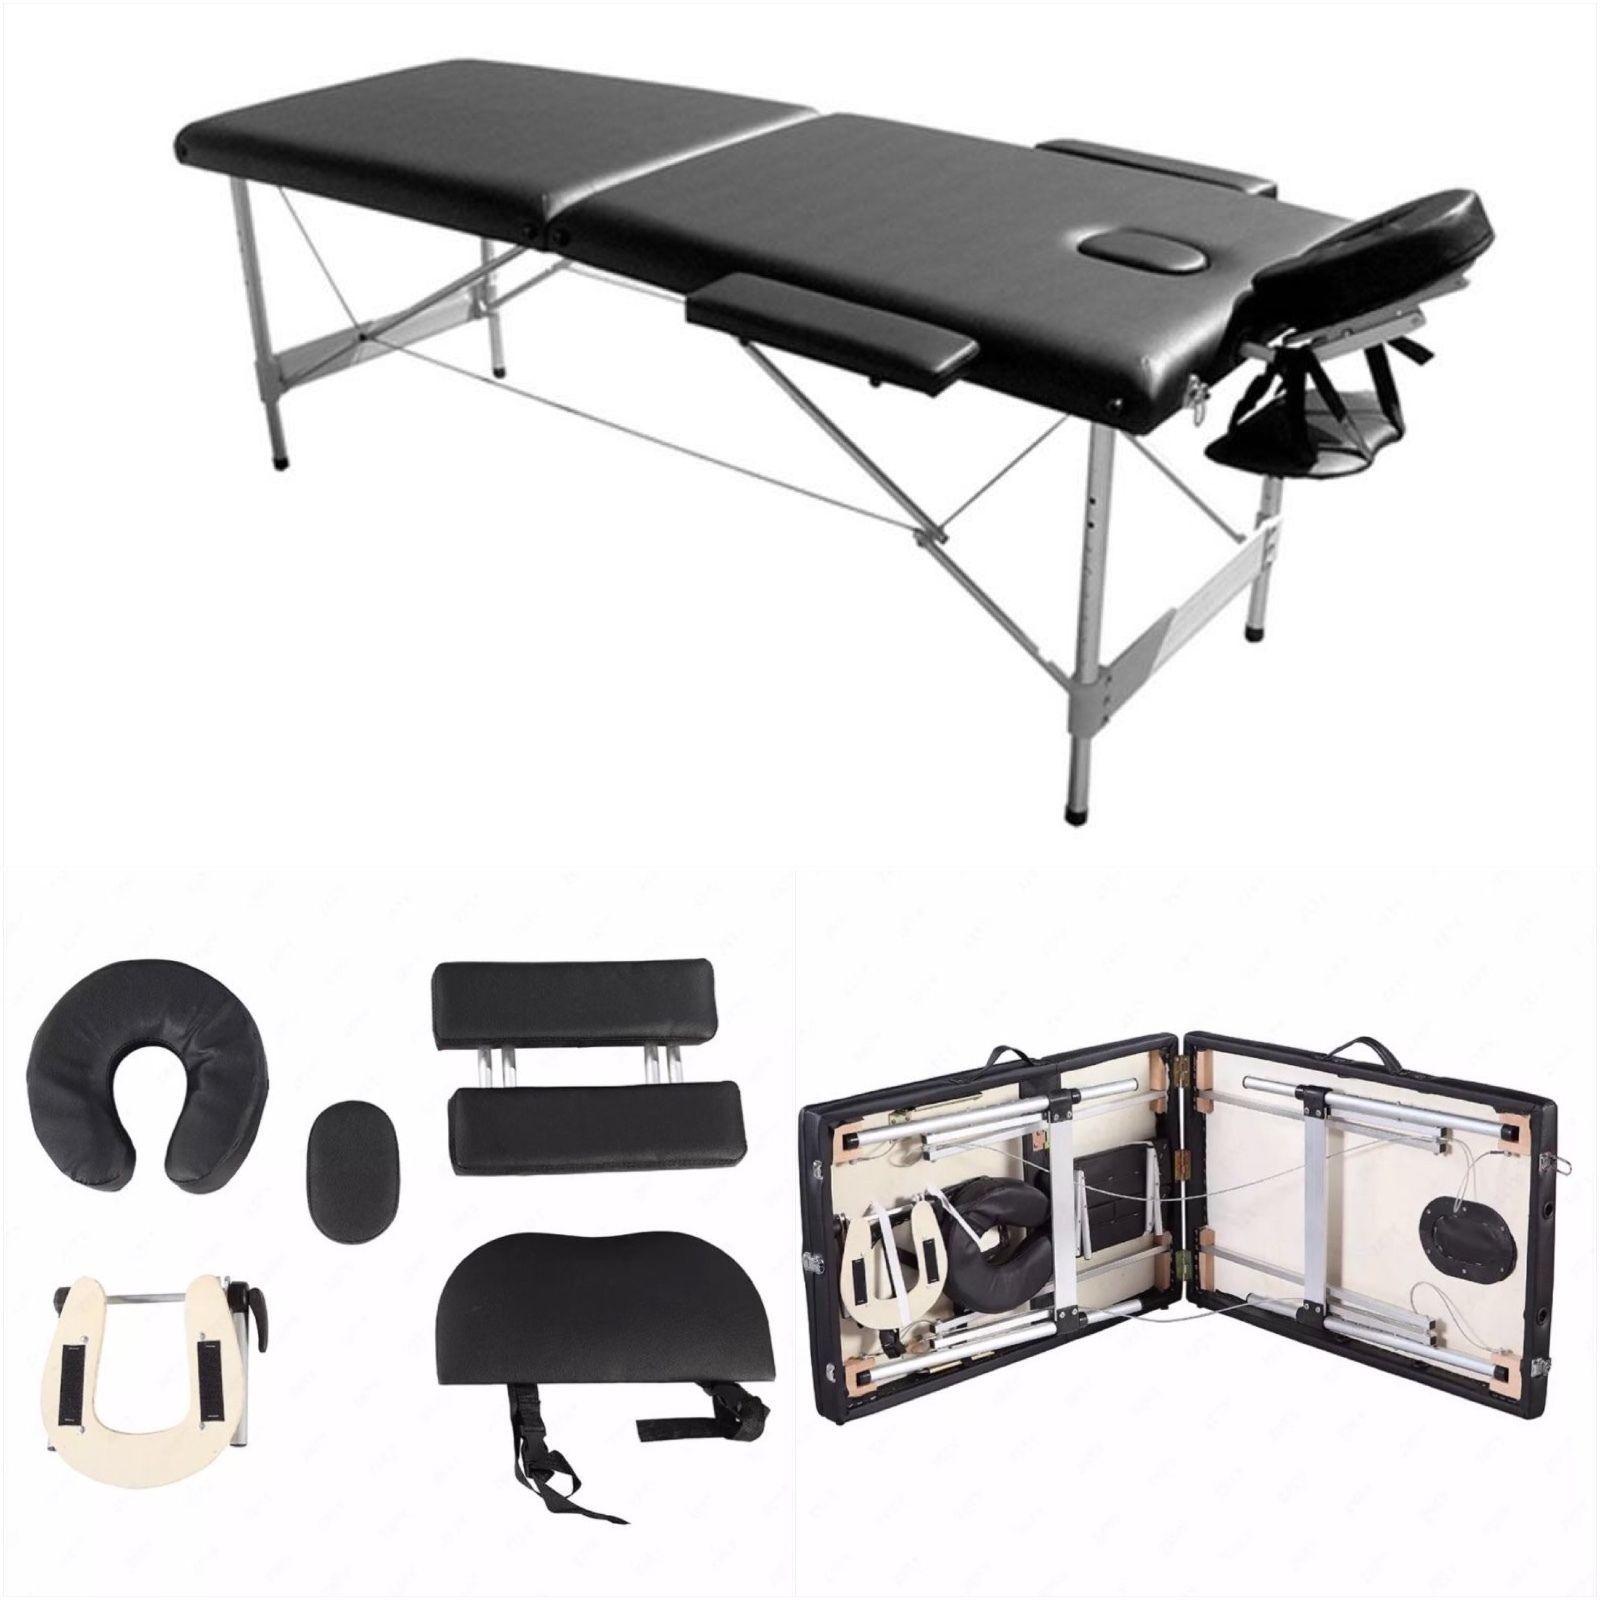 Eyelash Tools Eyelash Extension Kit Bed Table Furniture